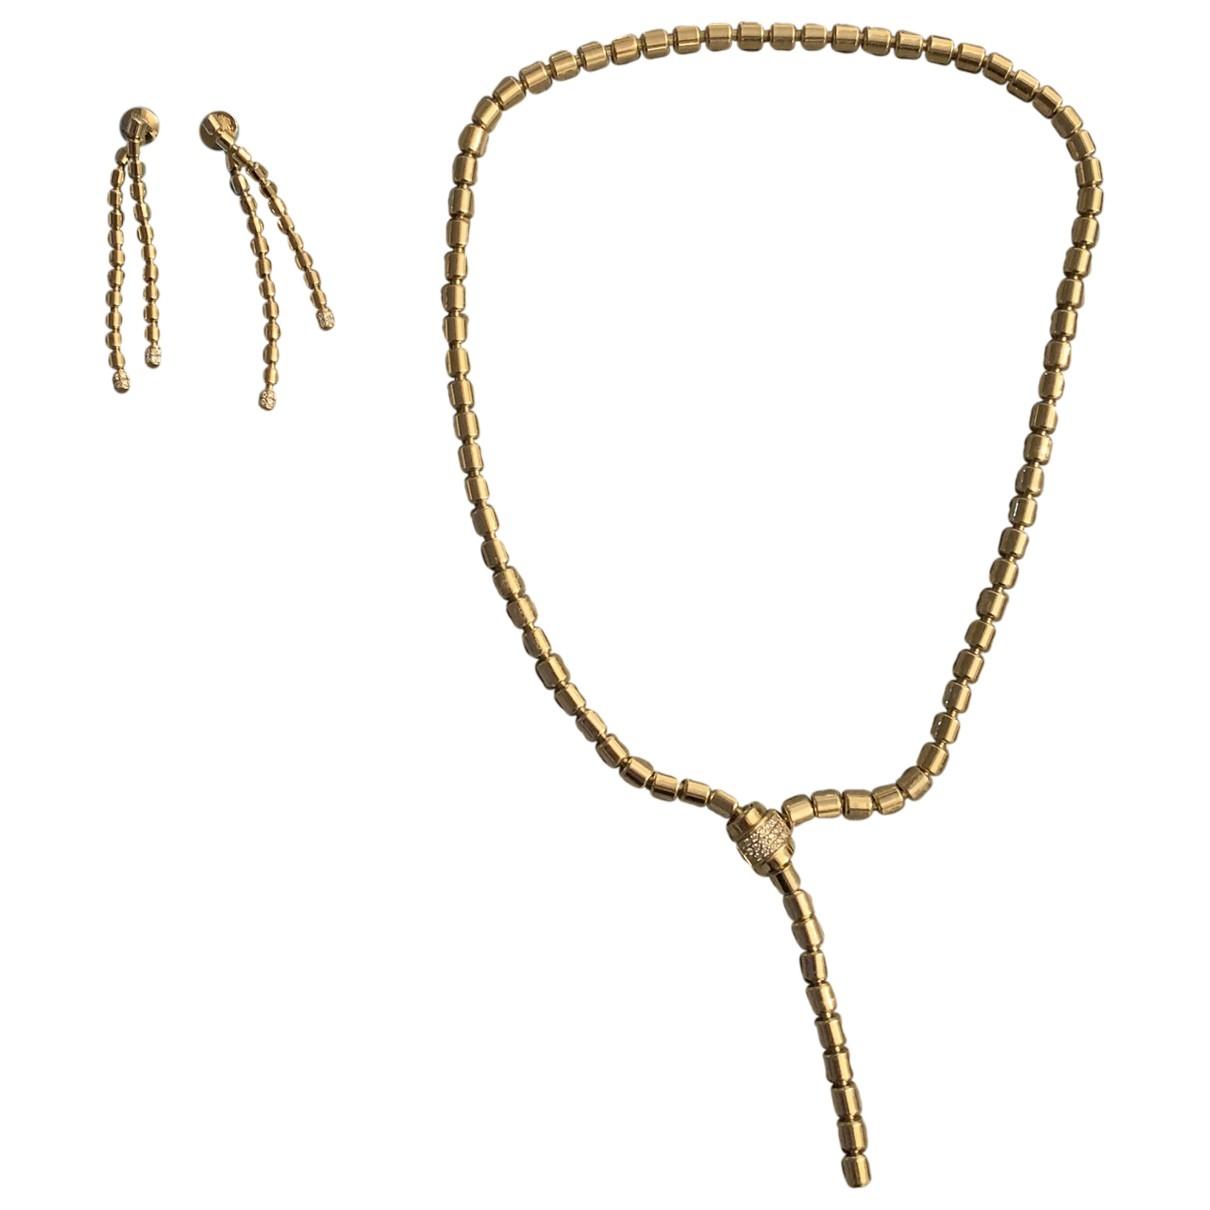 Piaget - Collier Possession pour femme en or jaune - dore